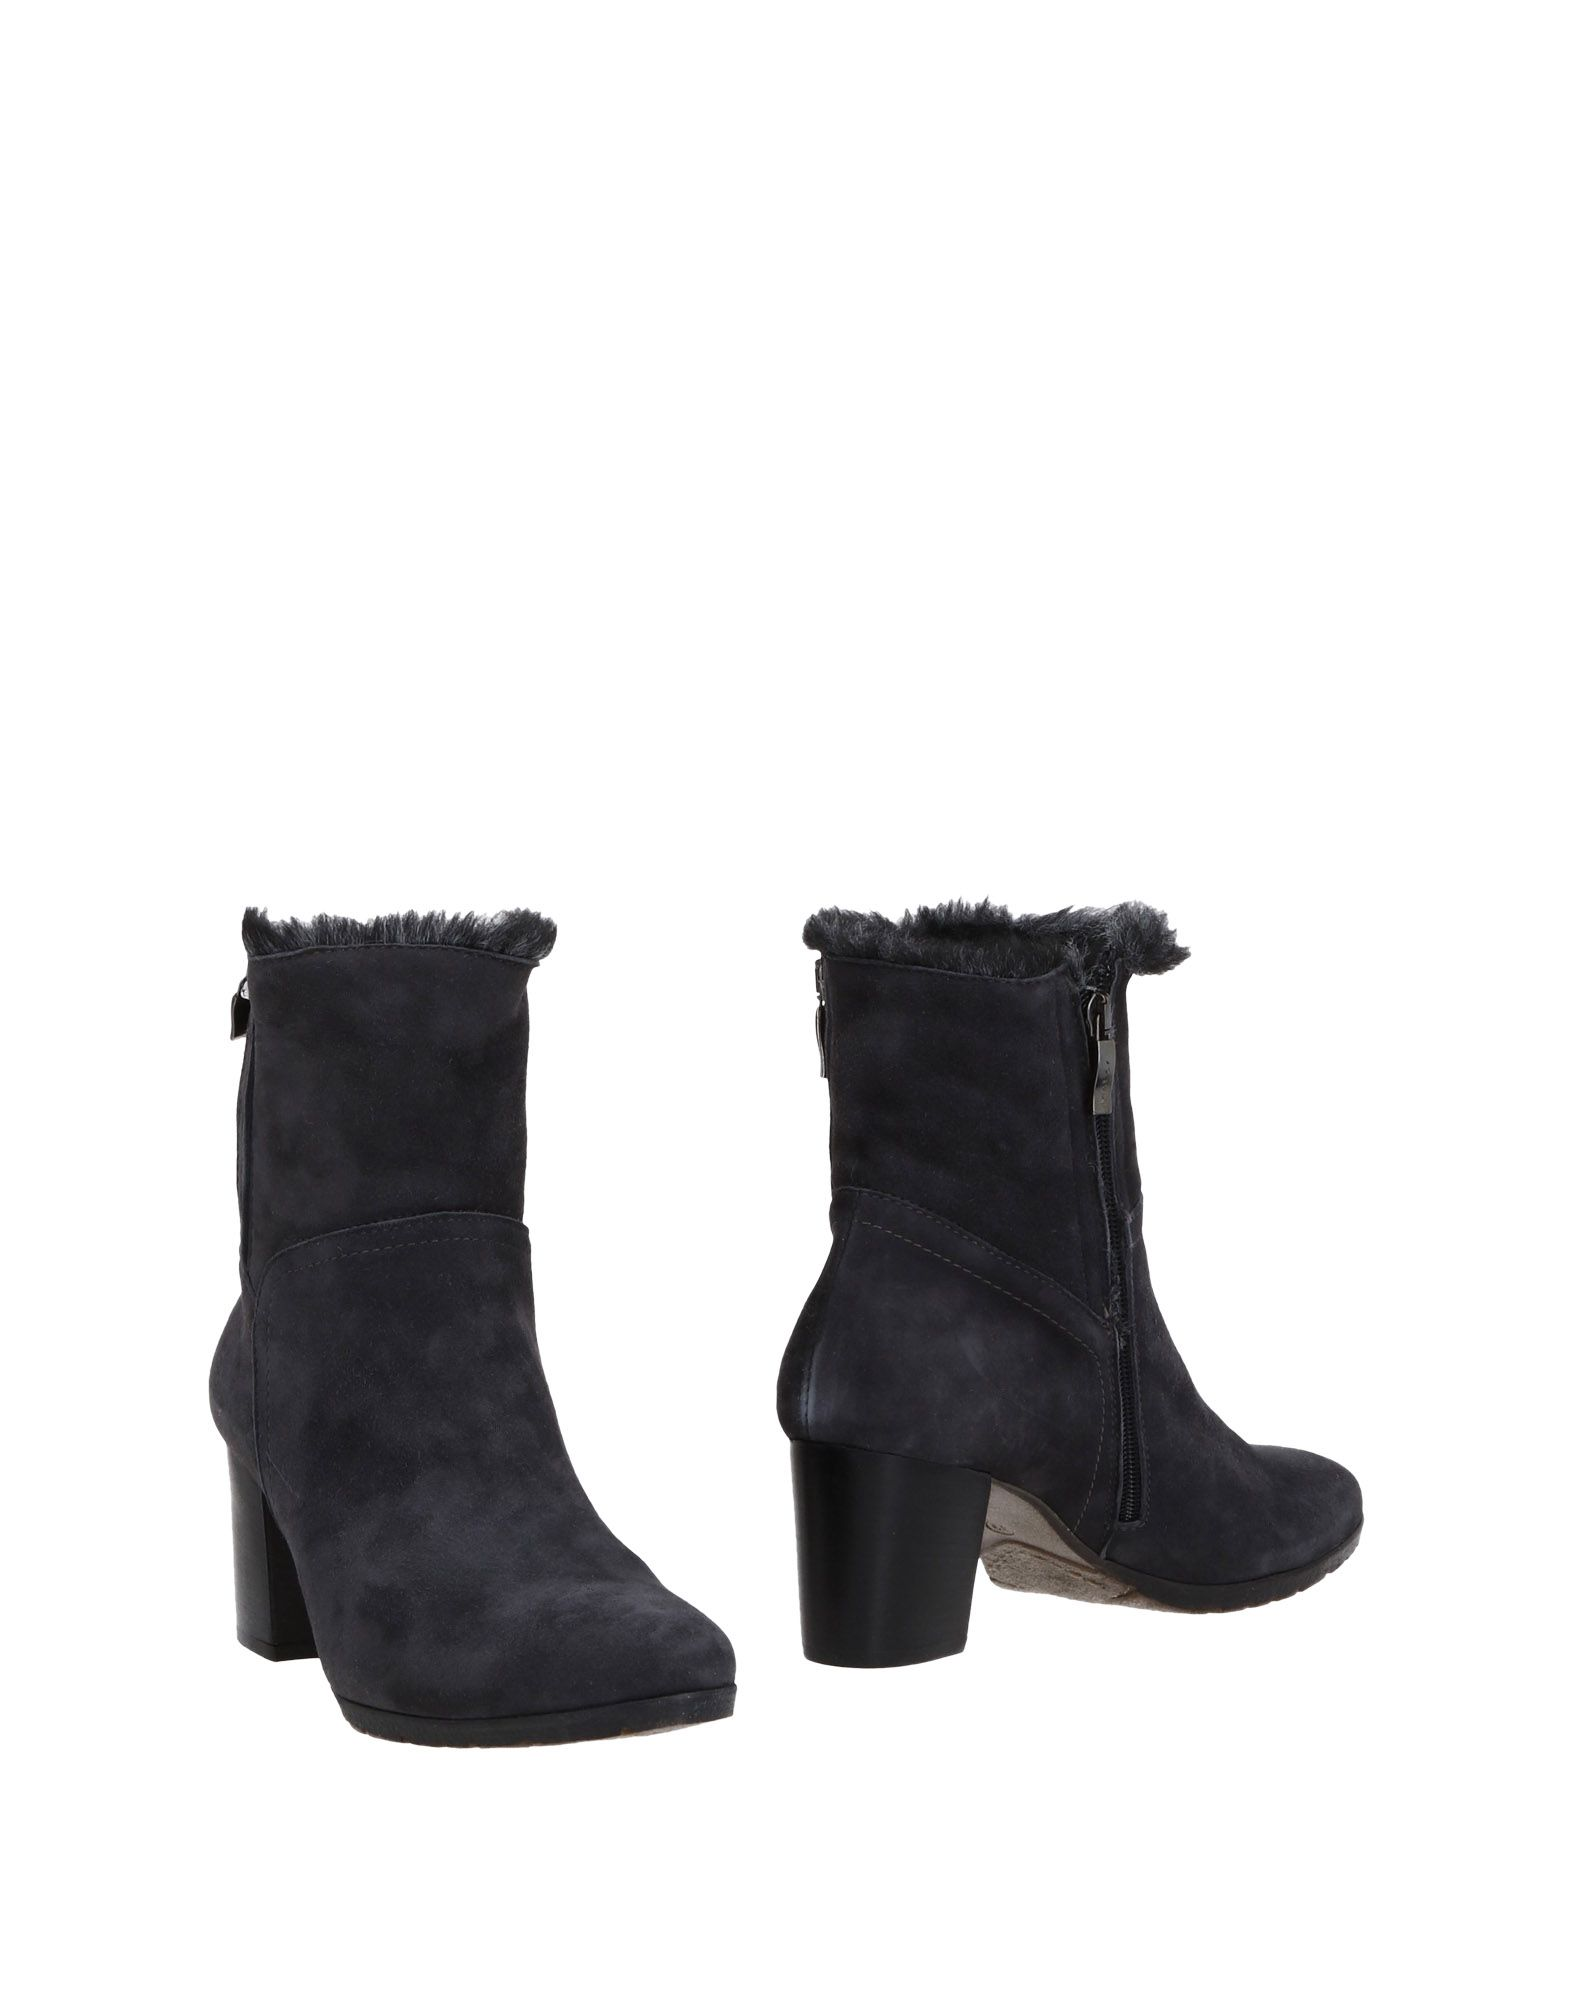 Mally Stiefelette Damen  11473253VO Gute Qualität beliebte Schuhe